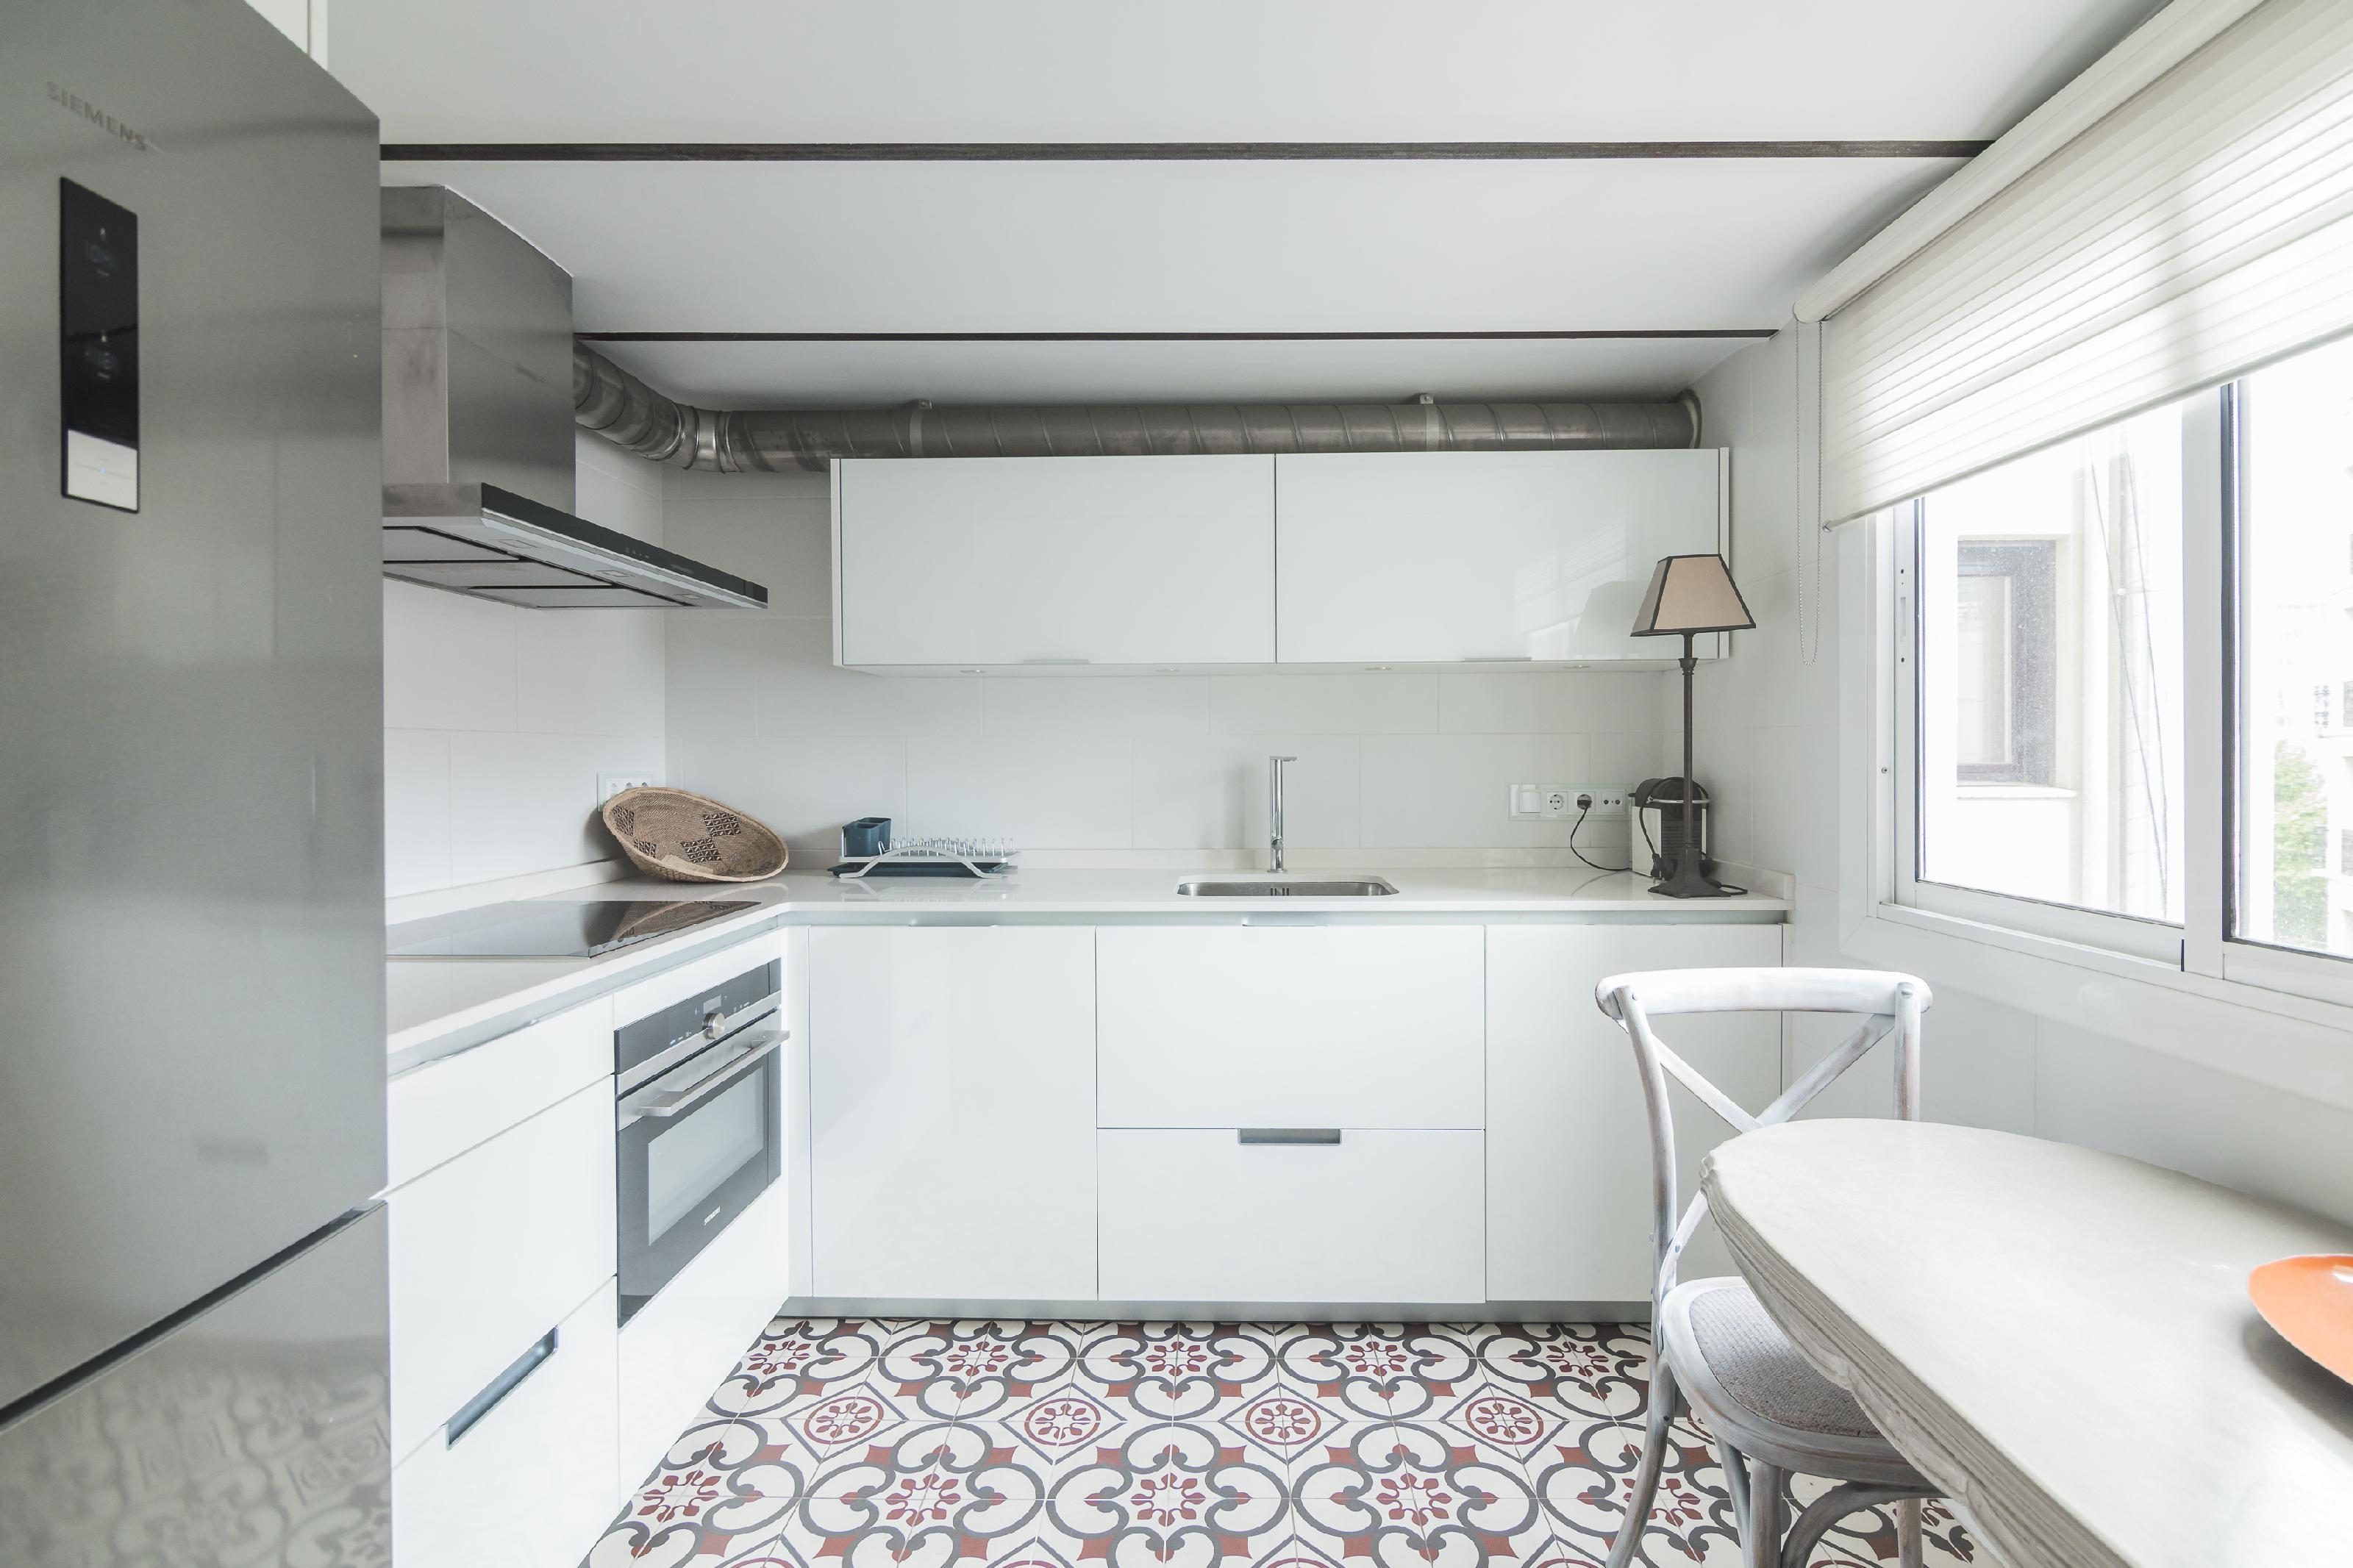 248206 Flat for sale in Gràcia, Vila de Gràcia 6